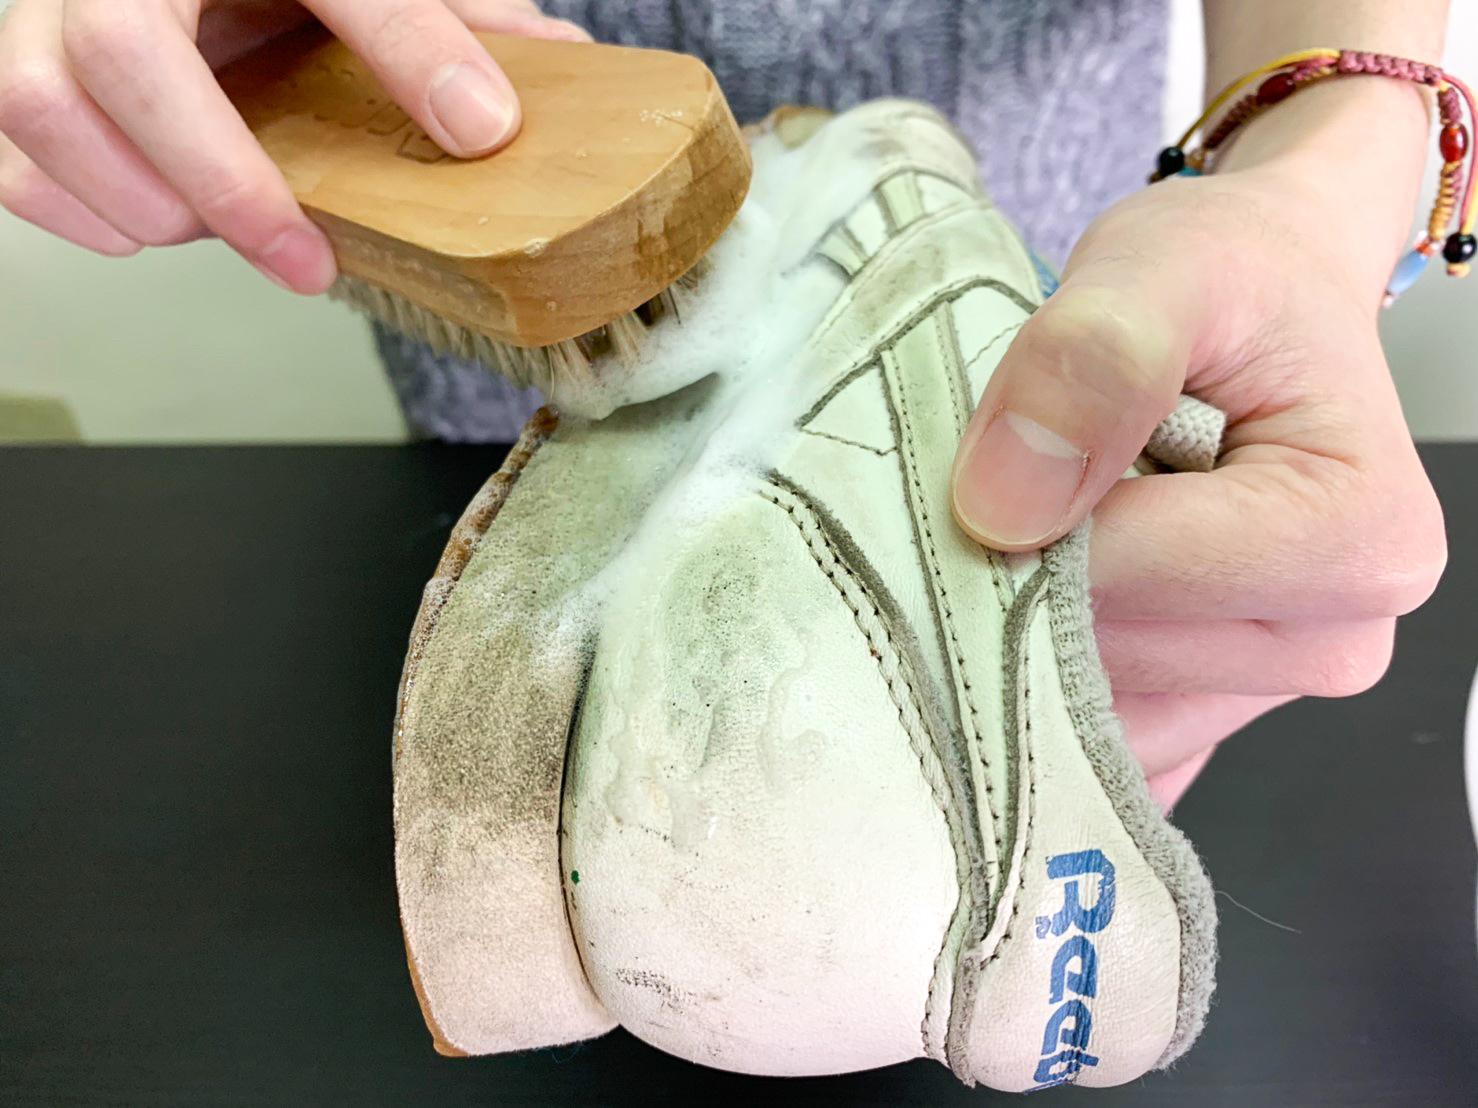 以畫圓方式在鞋面上反覆刷洗